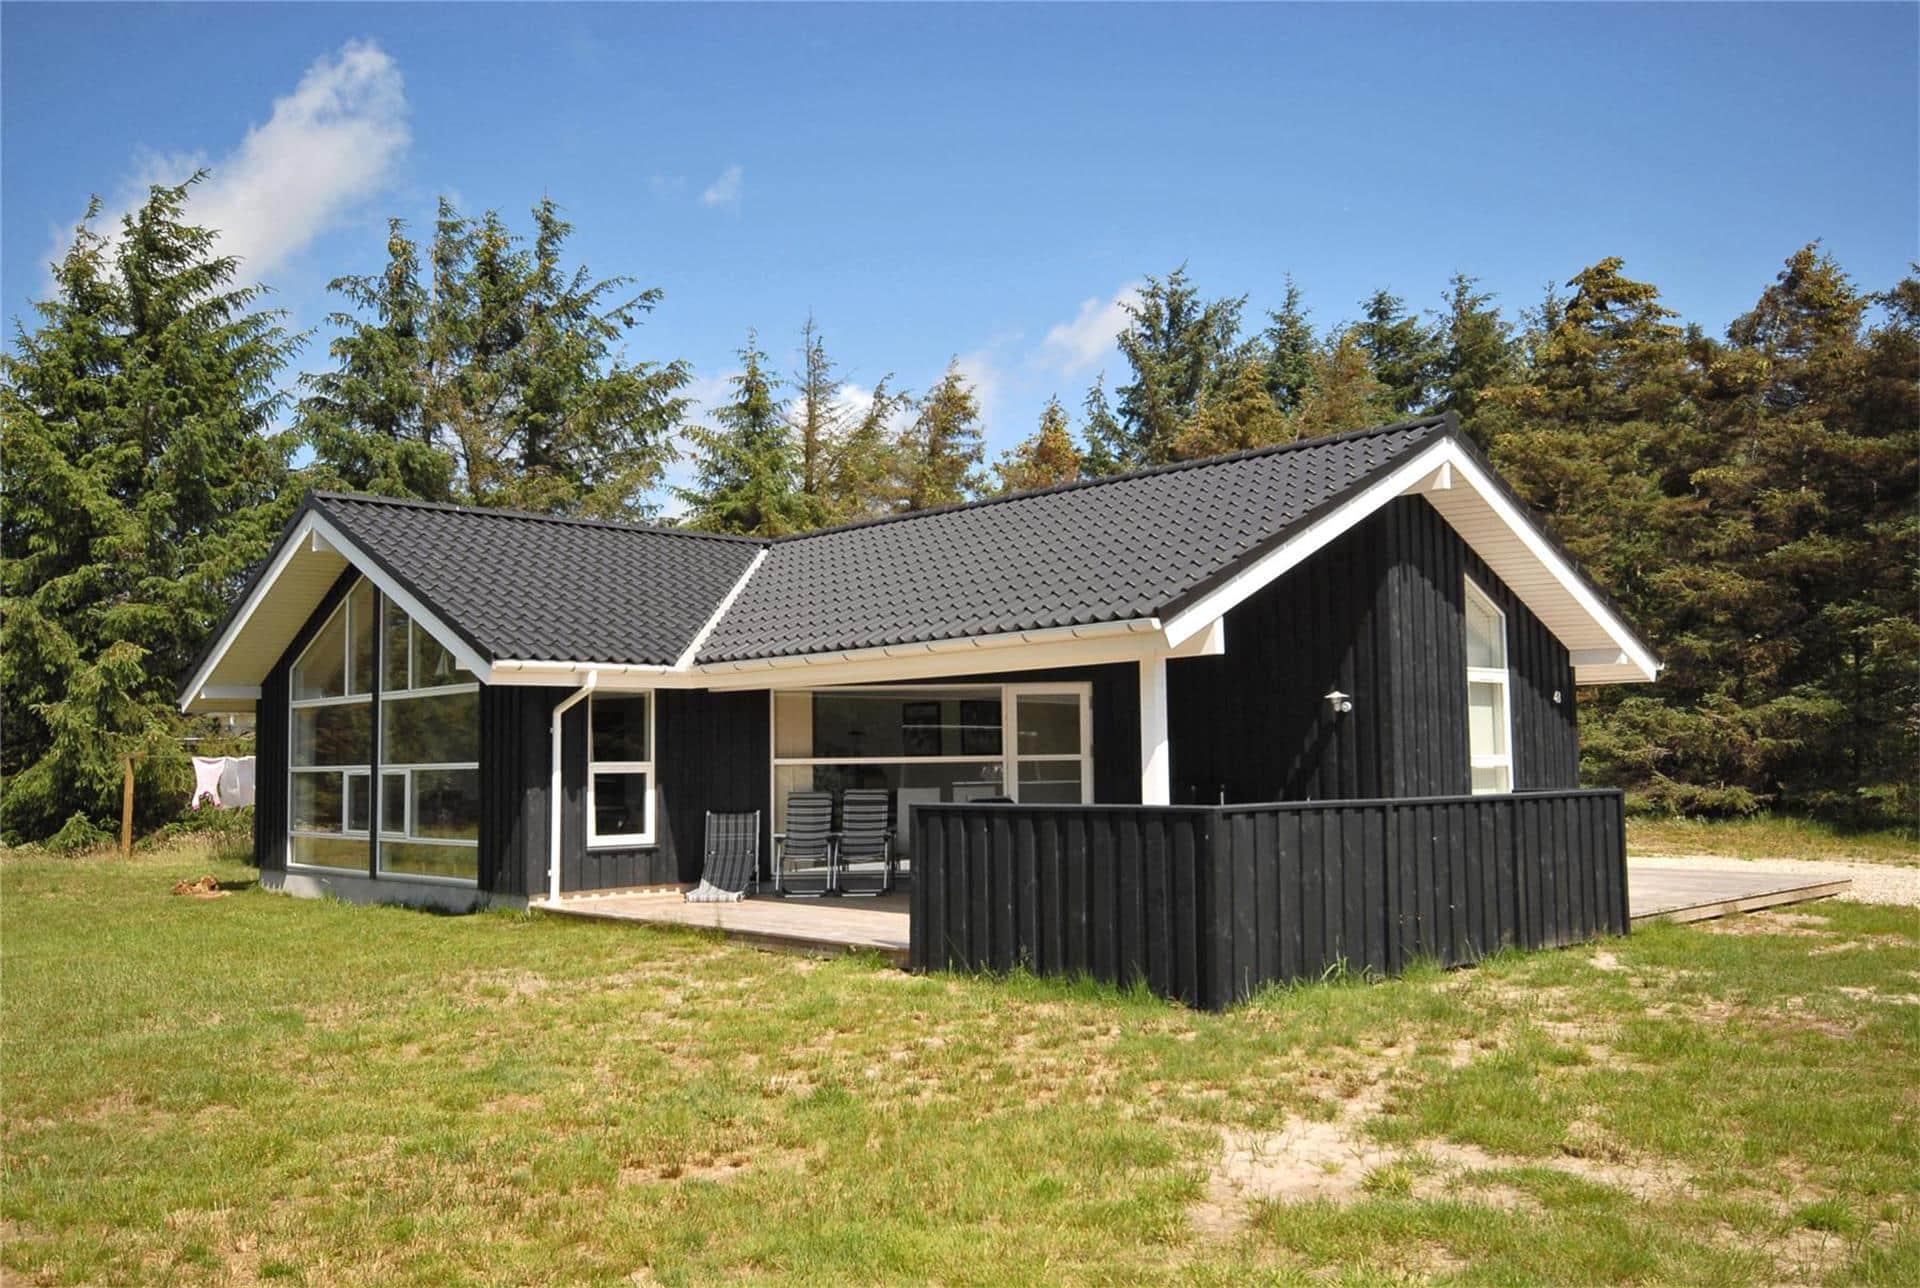 Image 0-176 Holiday-home BL423, Rødhusparken 48, DK - 9490 Pandrup